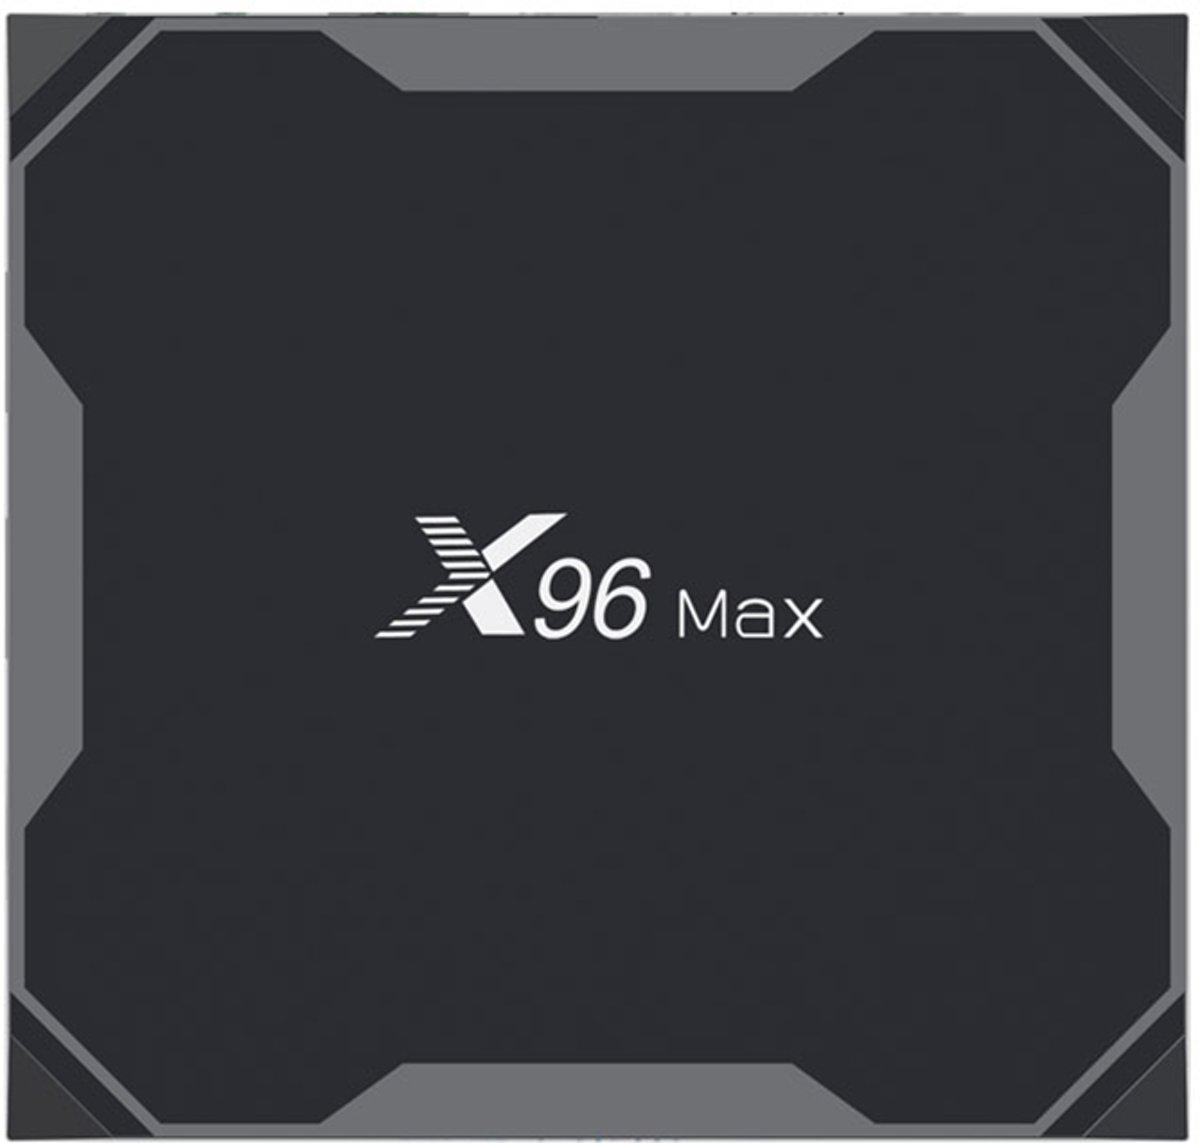 X96 Max 4/32 GB 4K Android 8.1/ Met Kodi 17.6, Netflix, Youtube, Miracast, Play store / Snelle 4K ondersteuning/ 4GB werkgeheugen